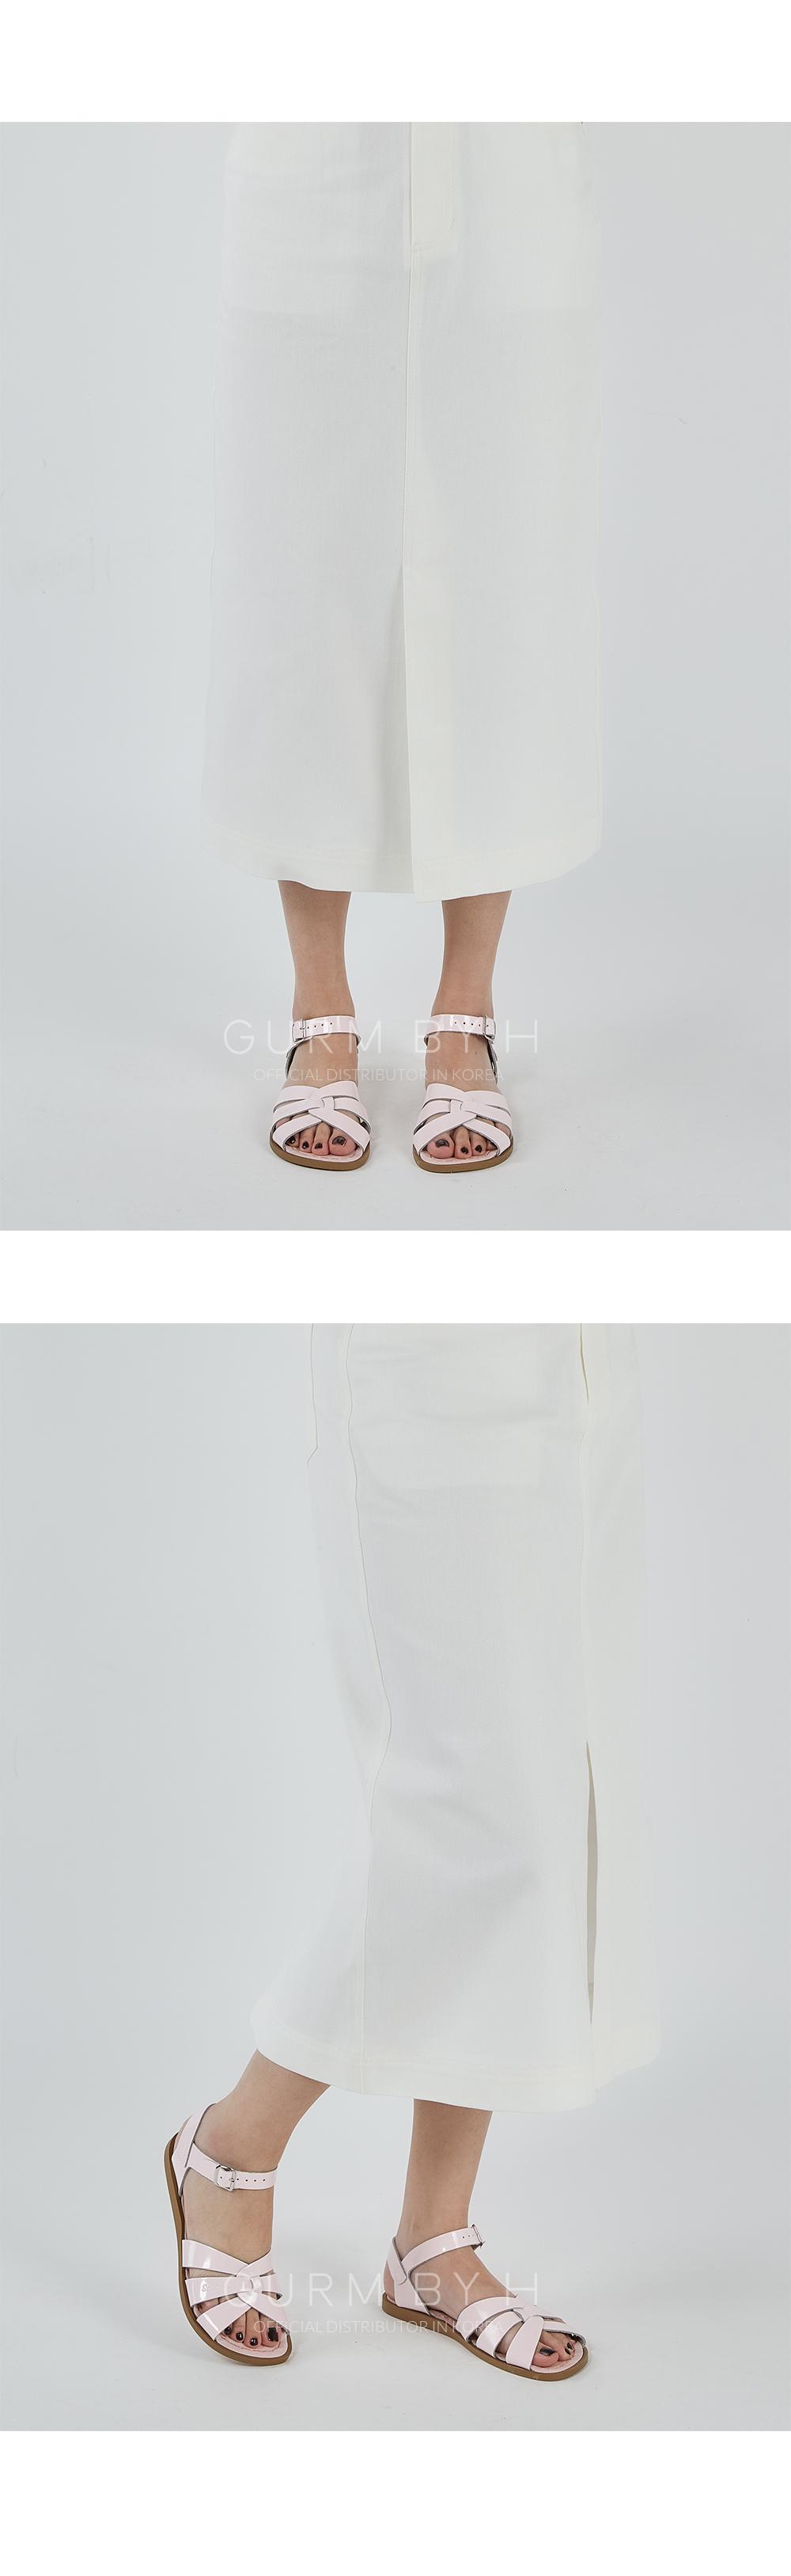 original-model-샤이니핑크